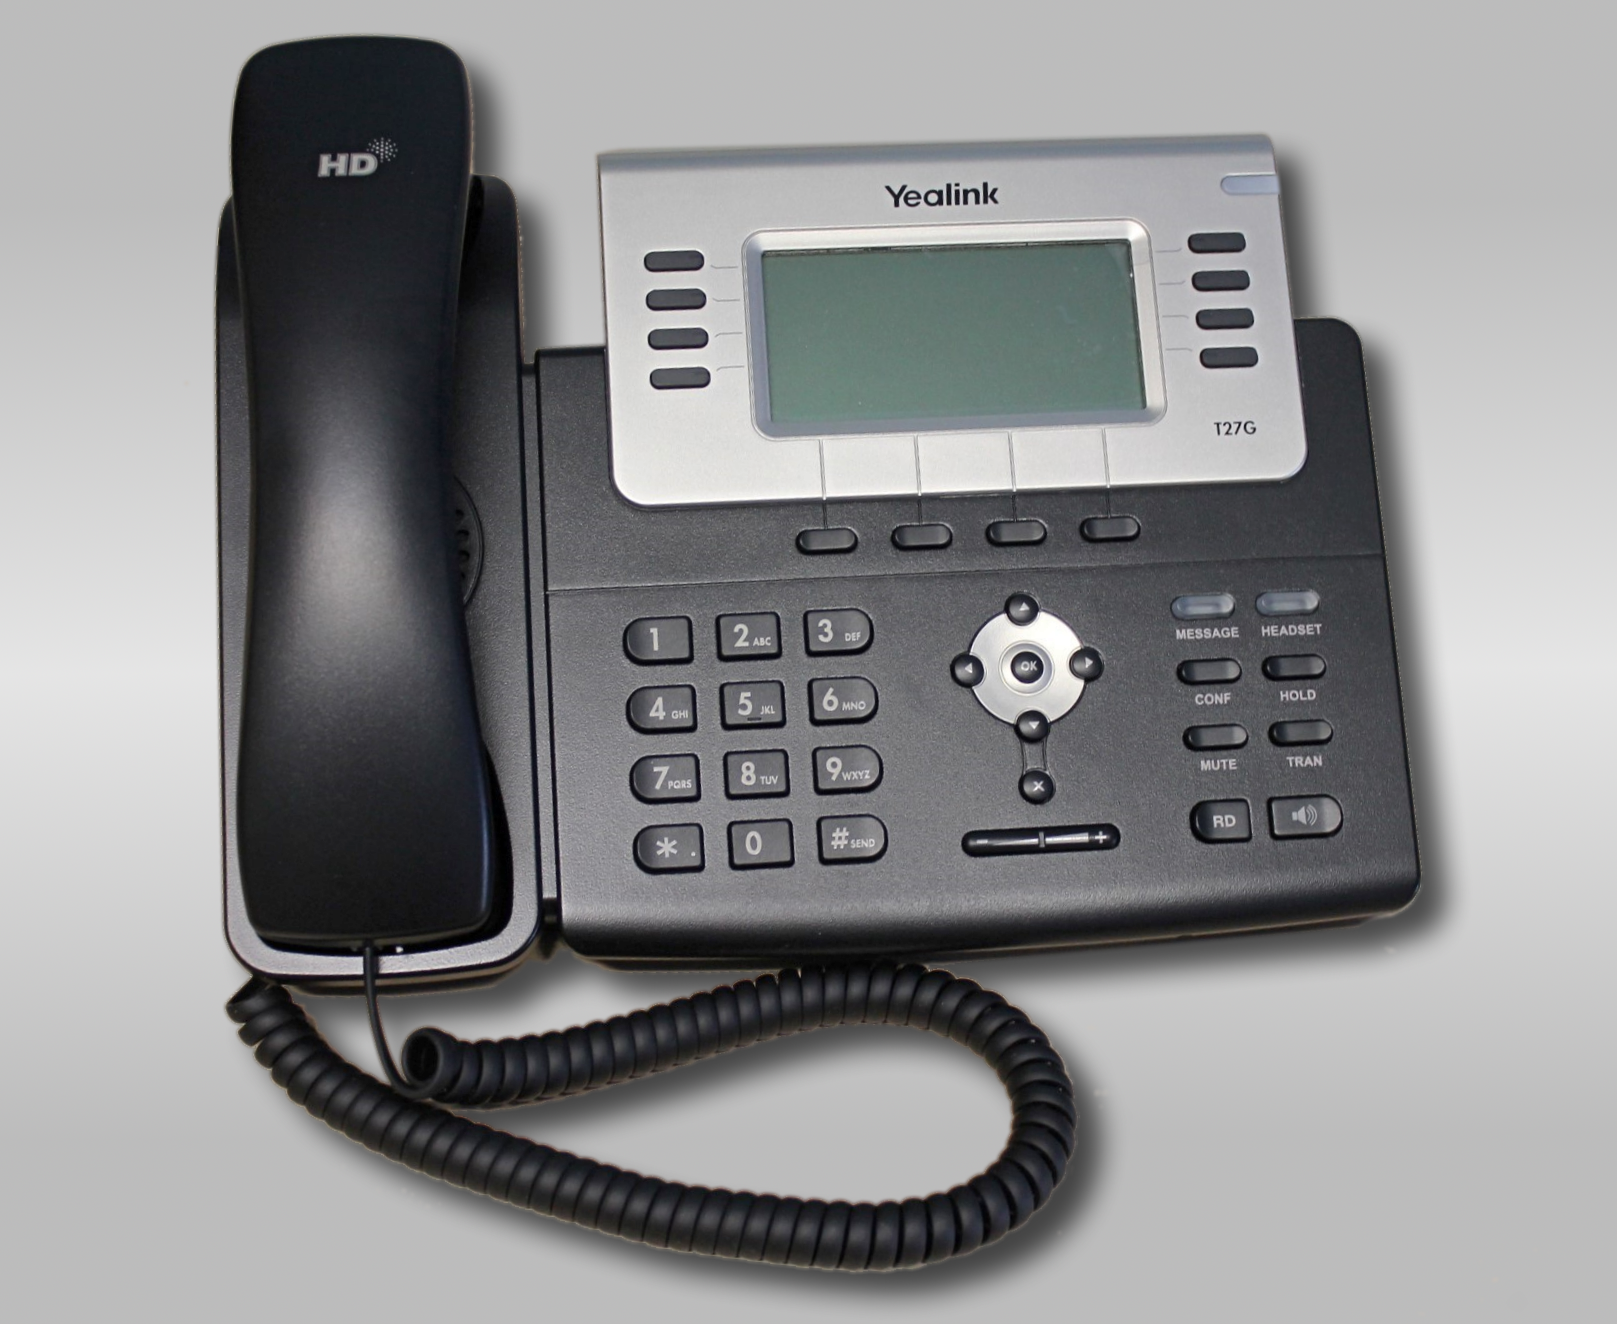 Yalink Telephone set